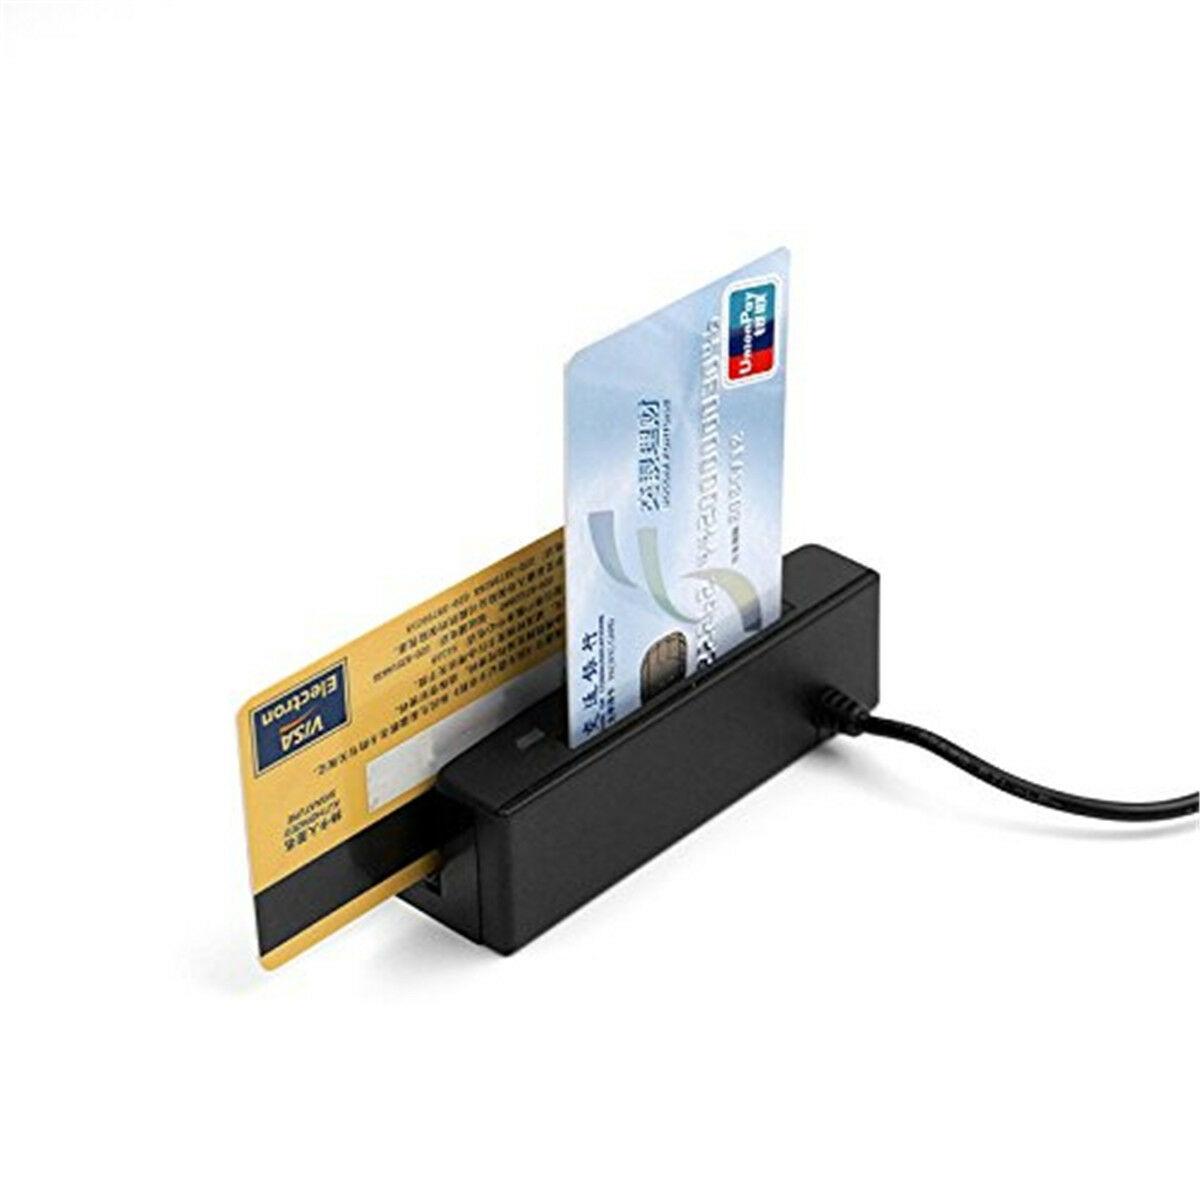 USB universel ZCS100-IC USB bande magnétique carte lecteur de code à barres bande bidirectionnelle MSR carte 3 pistes EMV Smart IC lecteur de puce